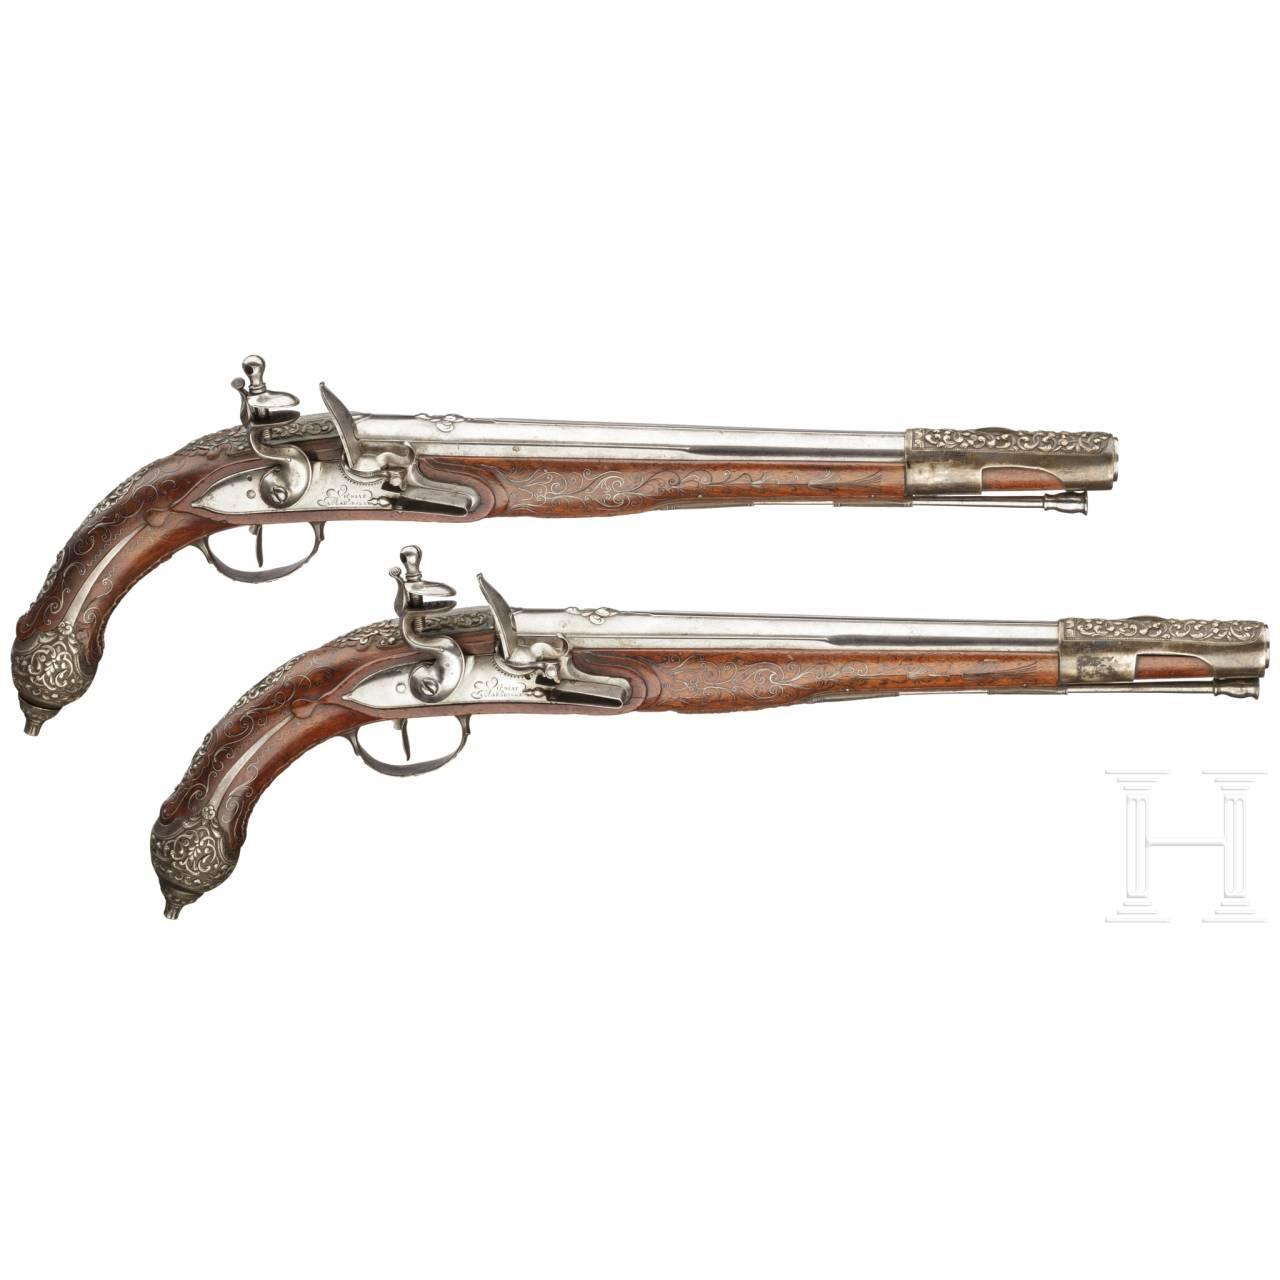 Ein Paar Steinschlosspistolen für den orientalischen Markt, Vigniat in Marseille, um 1810